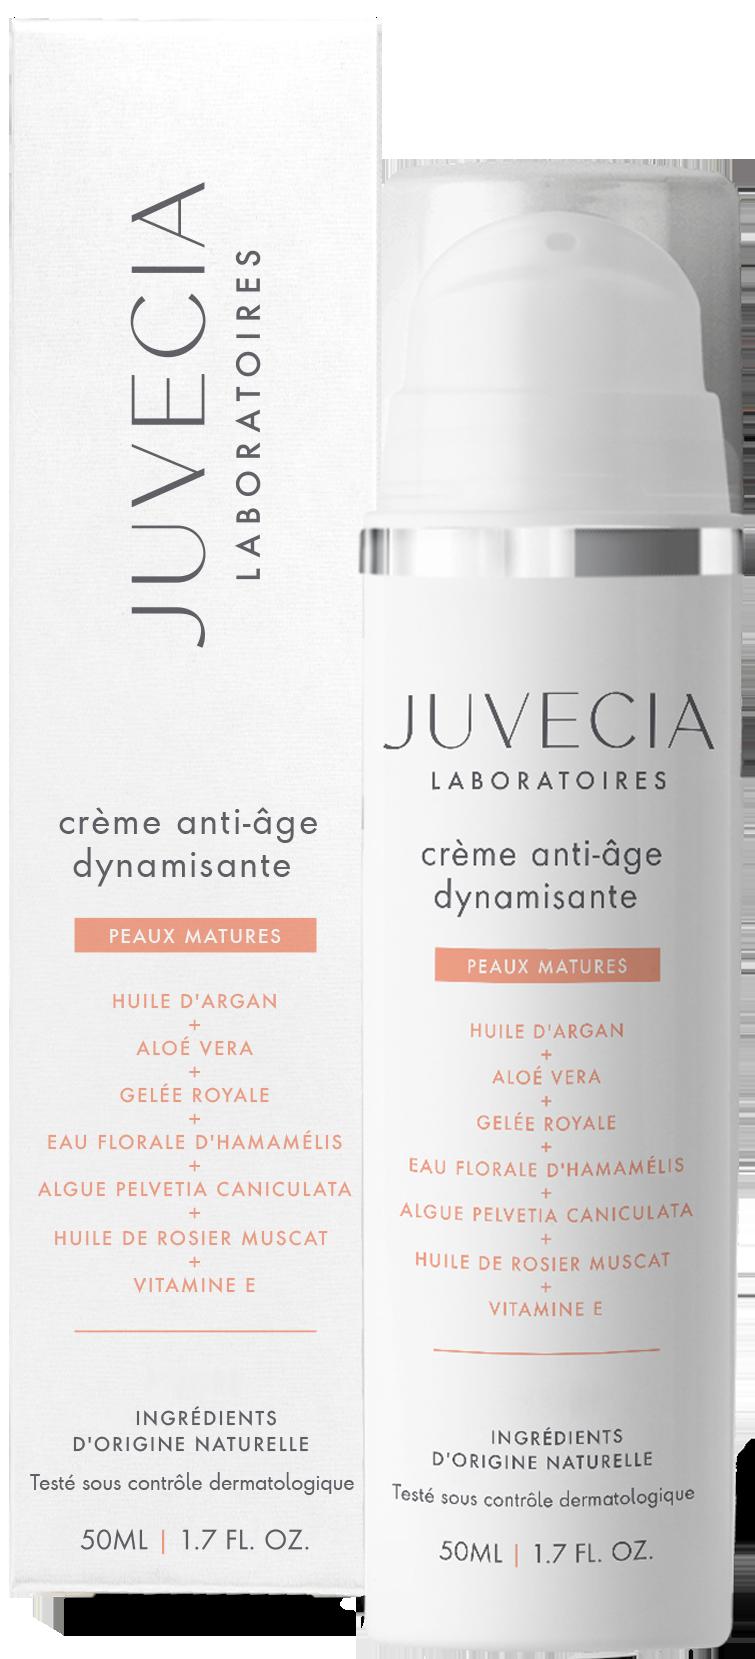 Juvecia crème anti-âge Avis